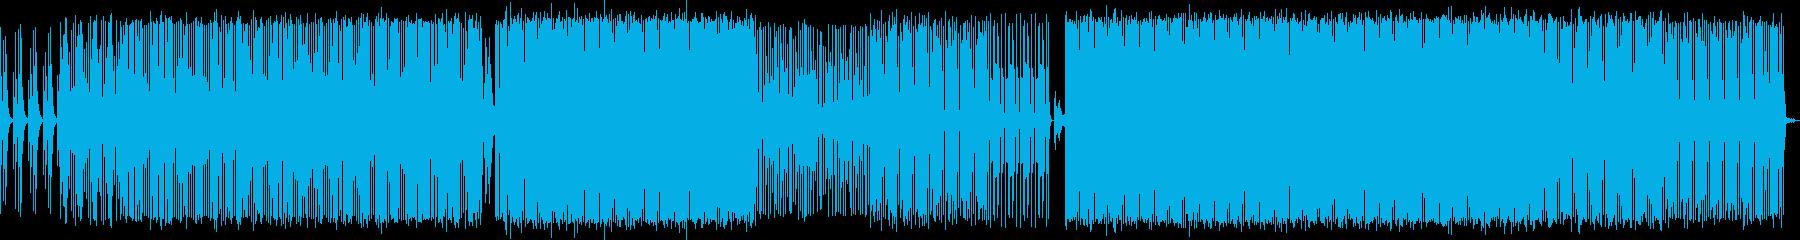 テクノをベースにした科学、物理の実験向けの再生済みの波形